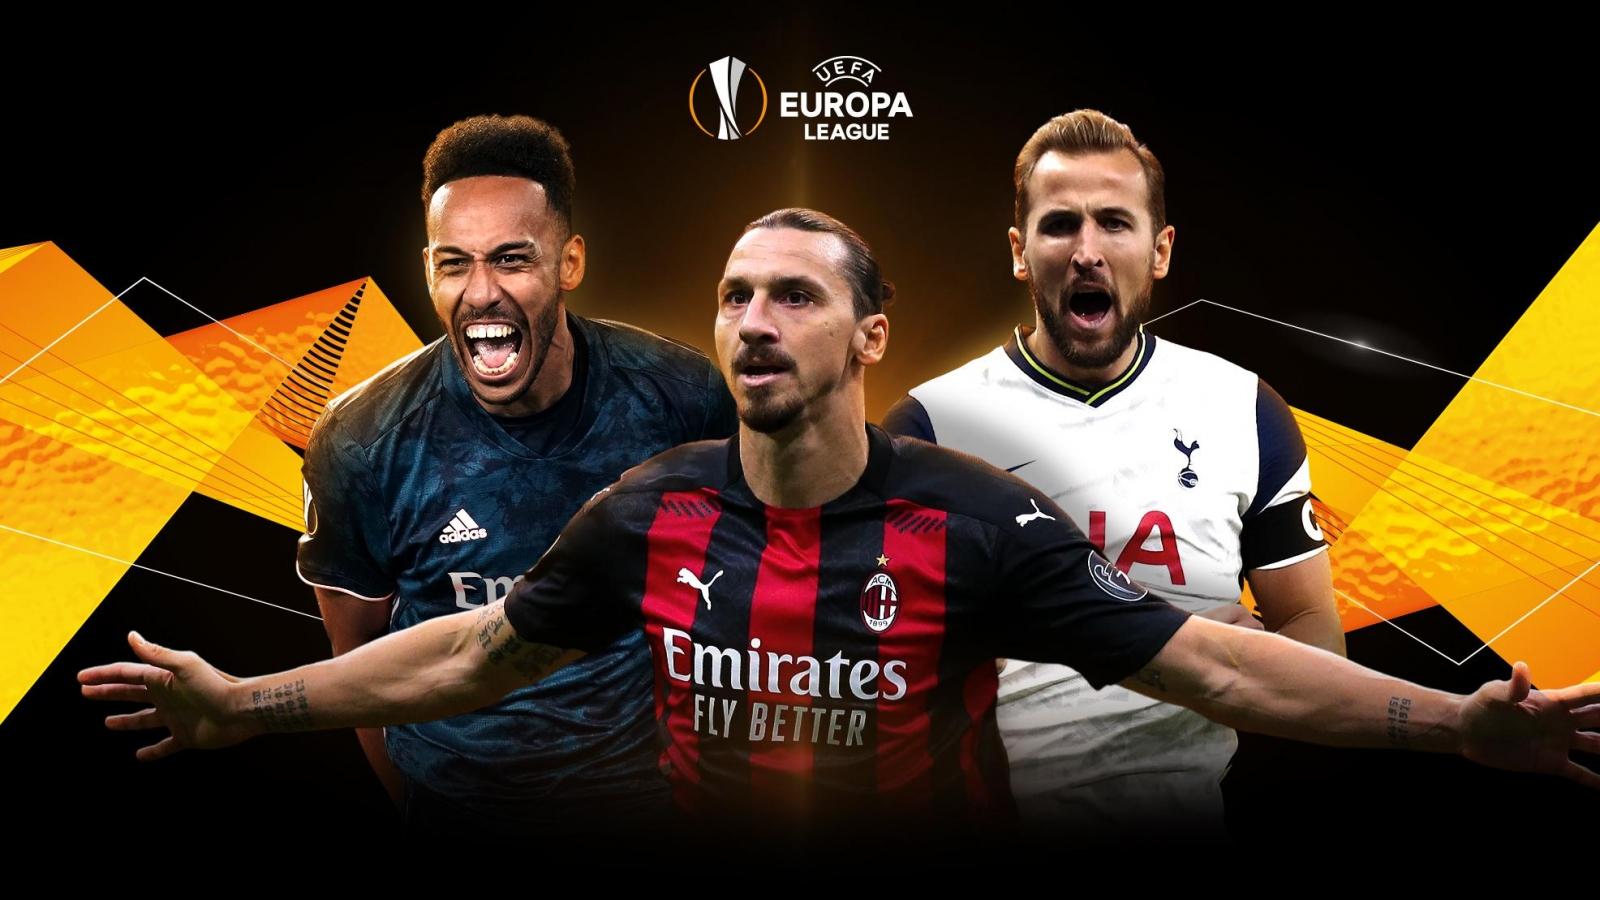 Những cặp đấu đáng xem nhất ở loạt trận Europa League tuần này